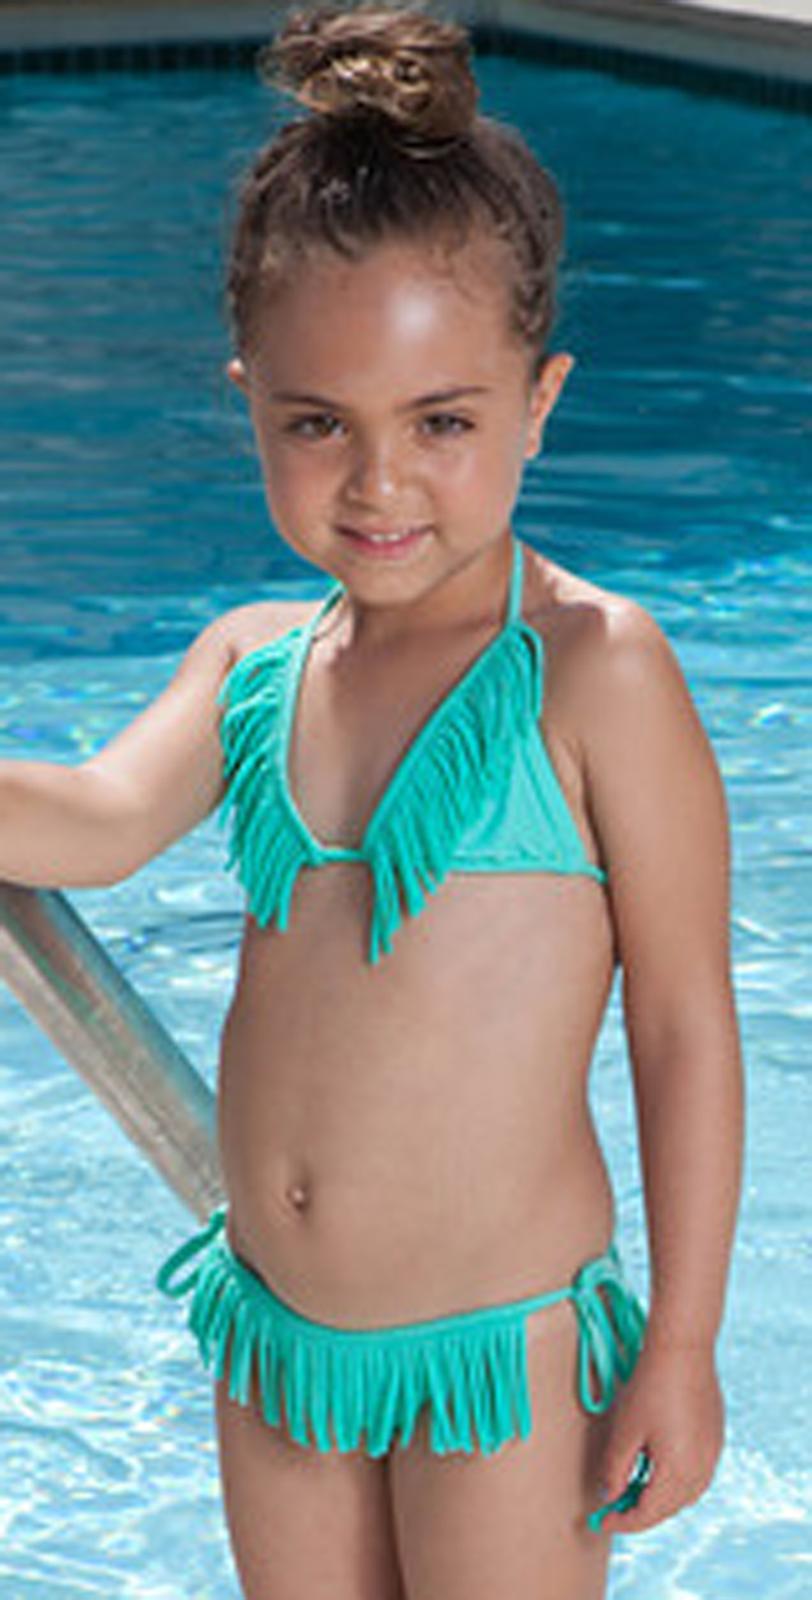 fringe bathing suits girlsPilyQ 2013 Kids Blue Fringe Bikini South Beach Swimsuits exA62Urz